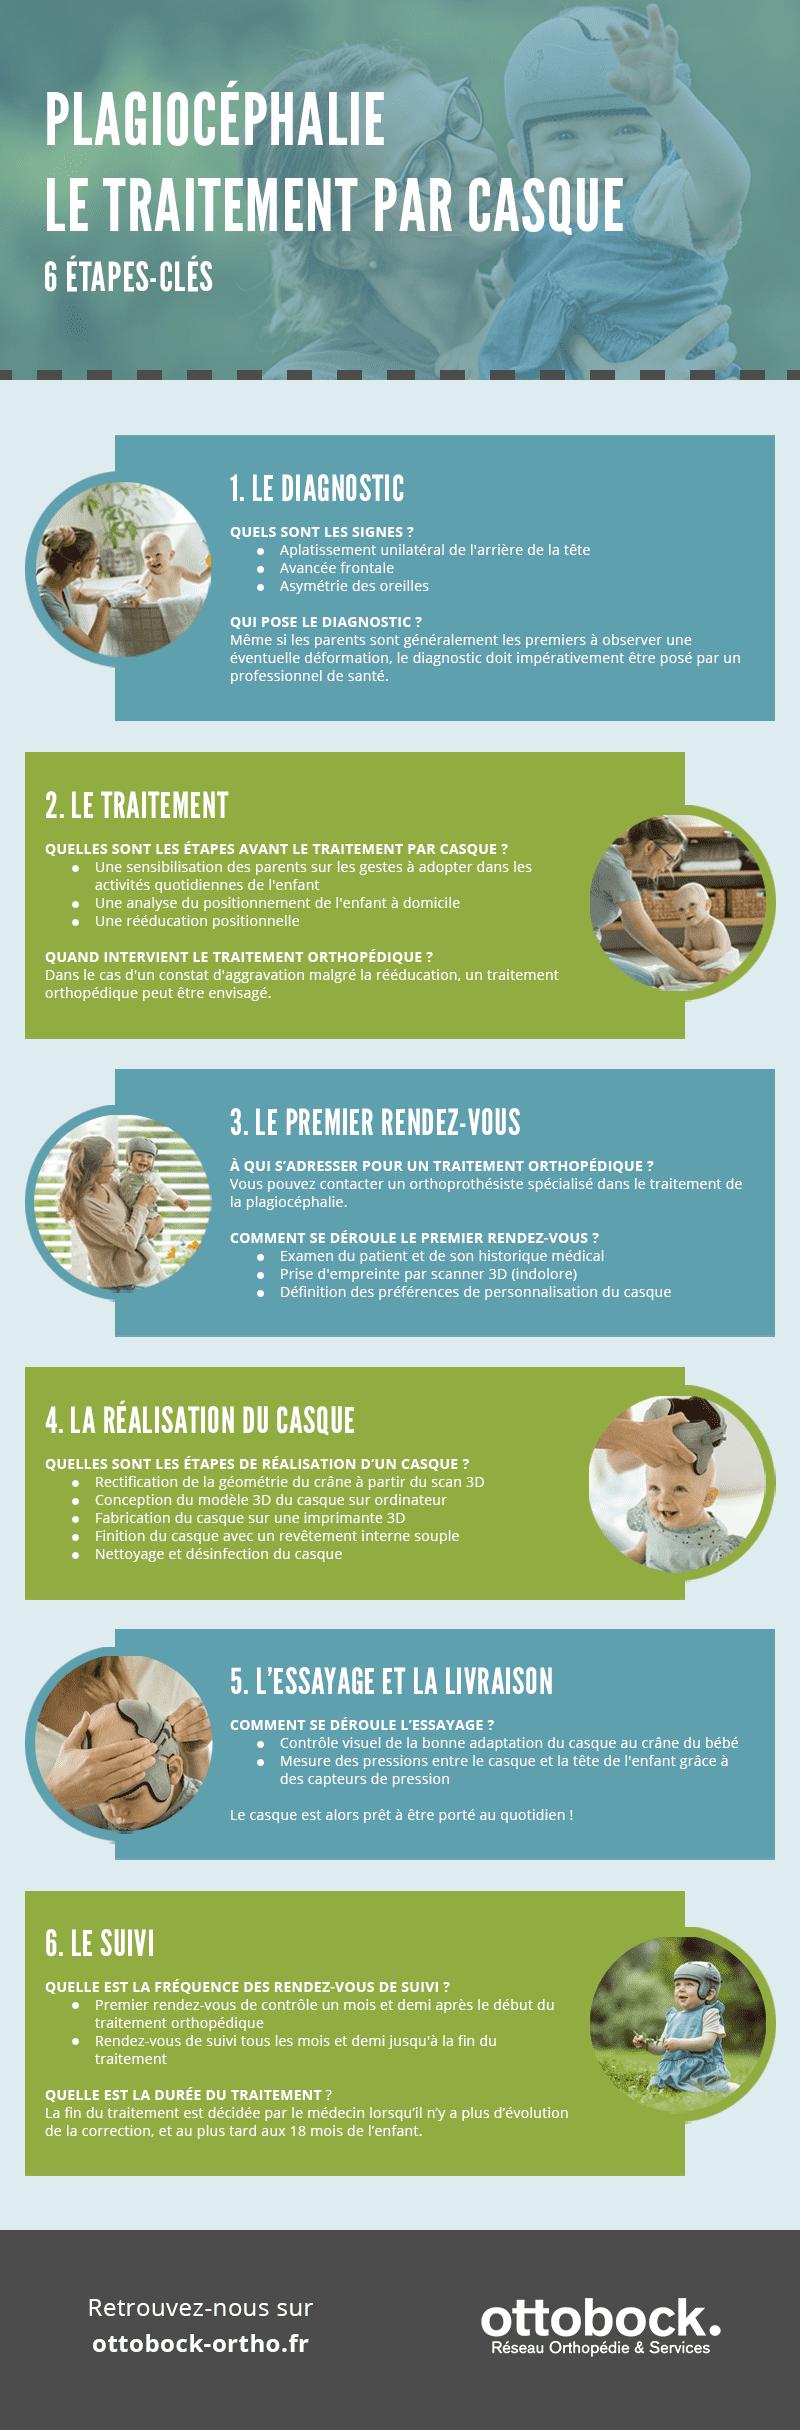 infographie-plagio-traitement-casque-ottobock-orthopedie